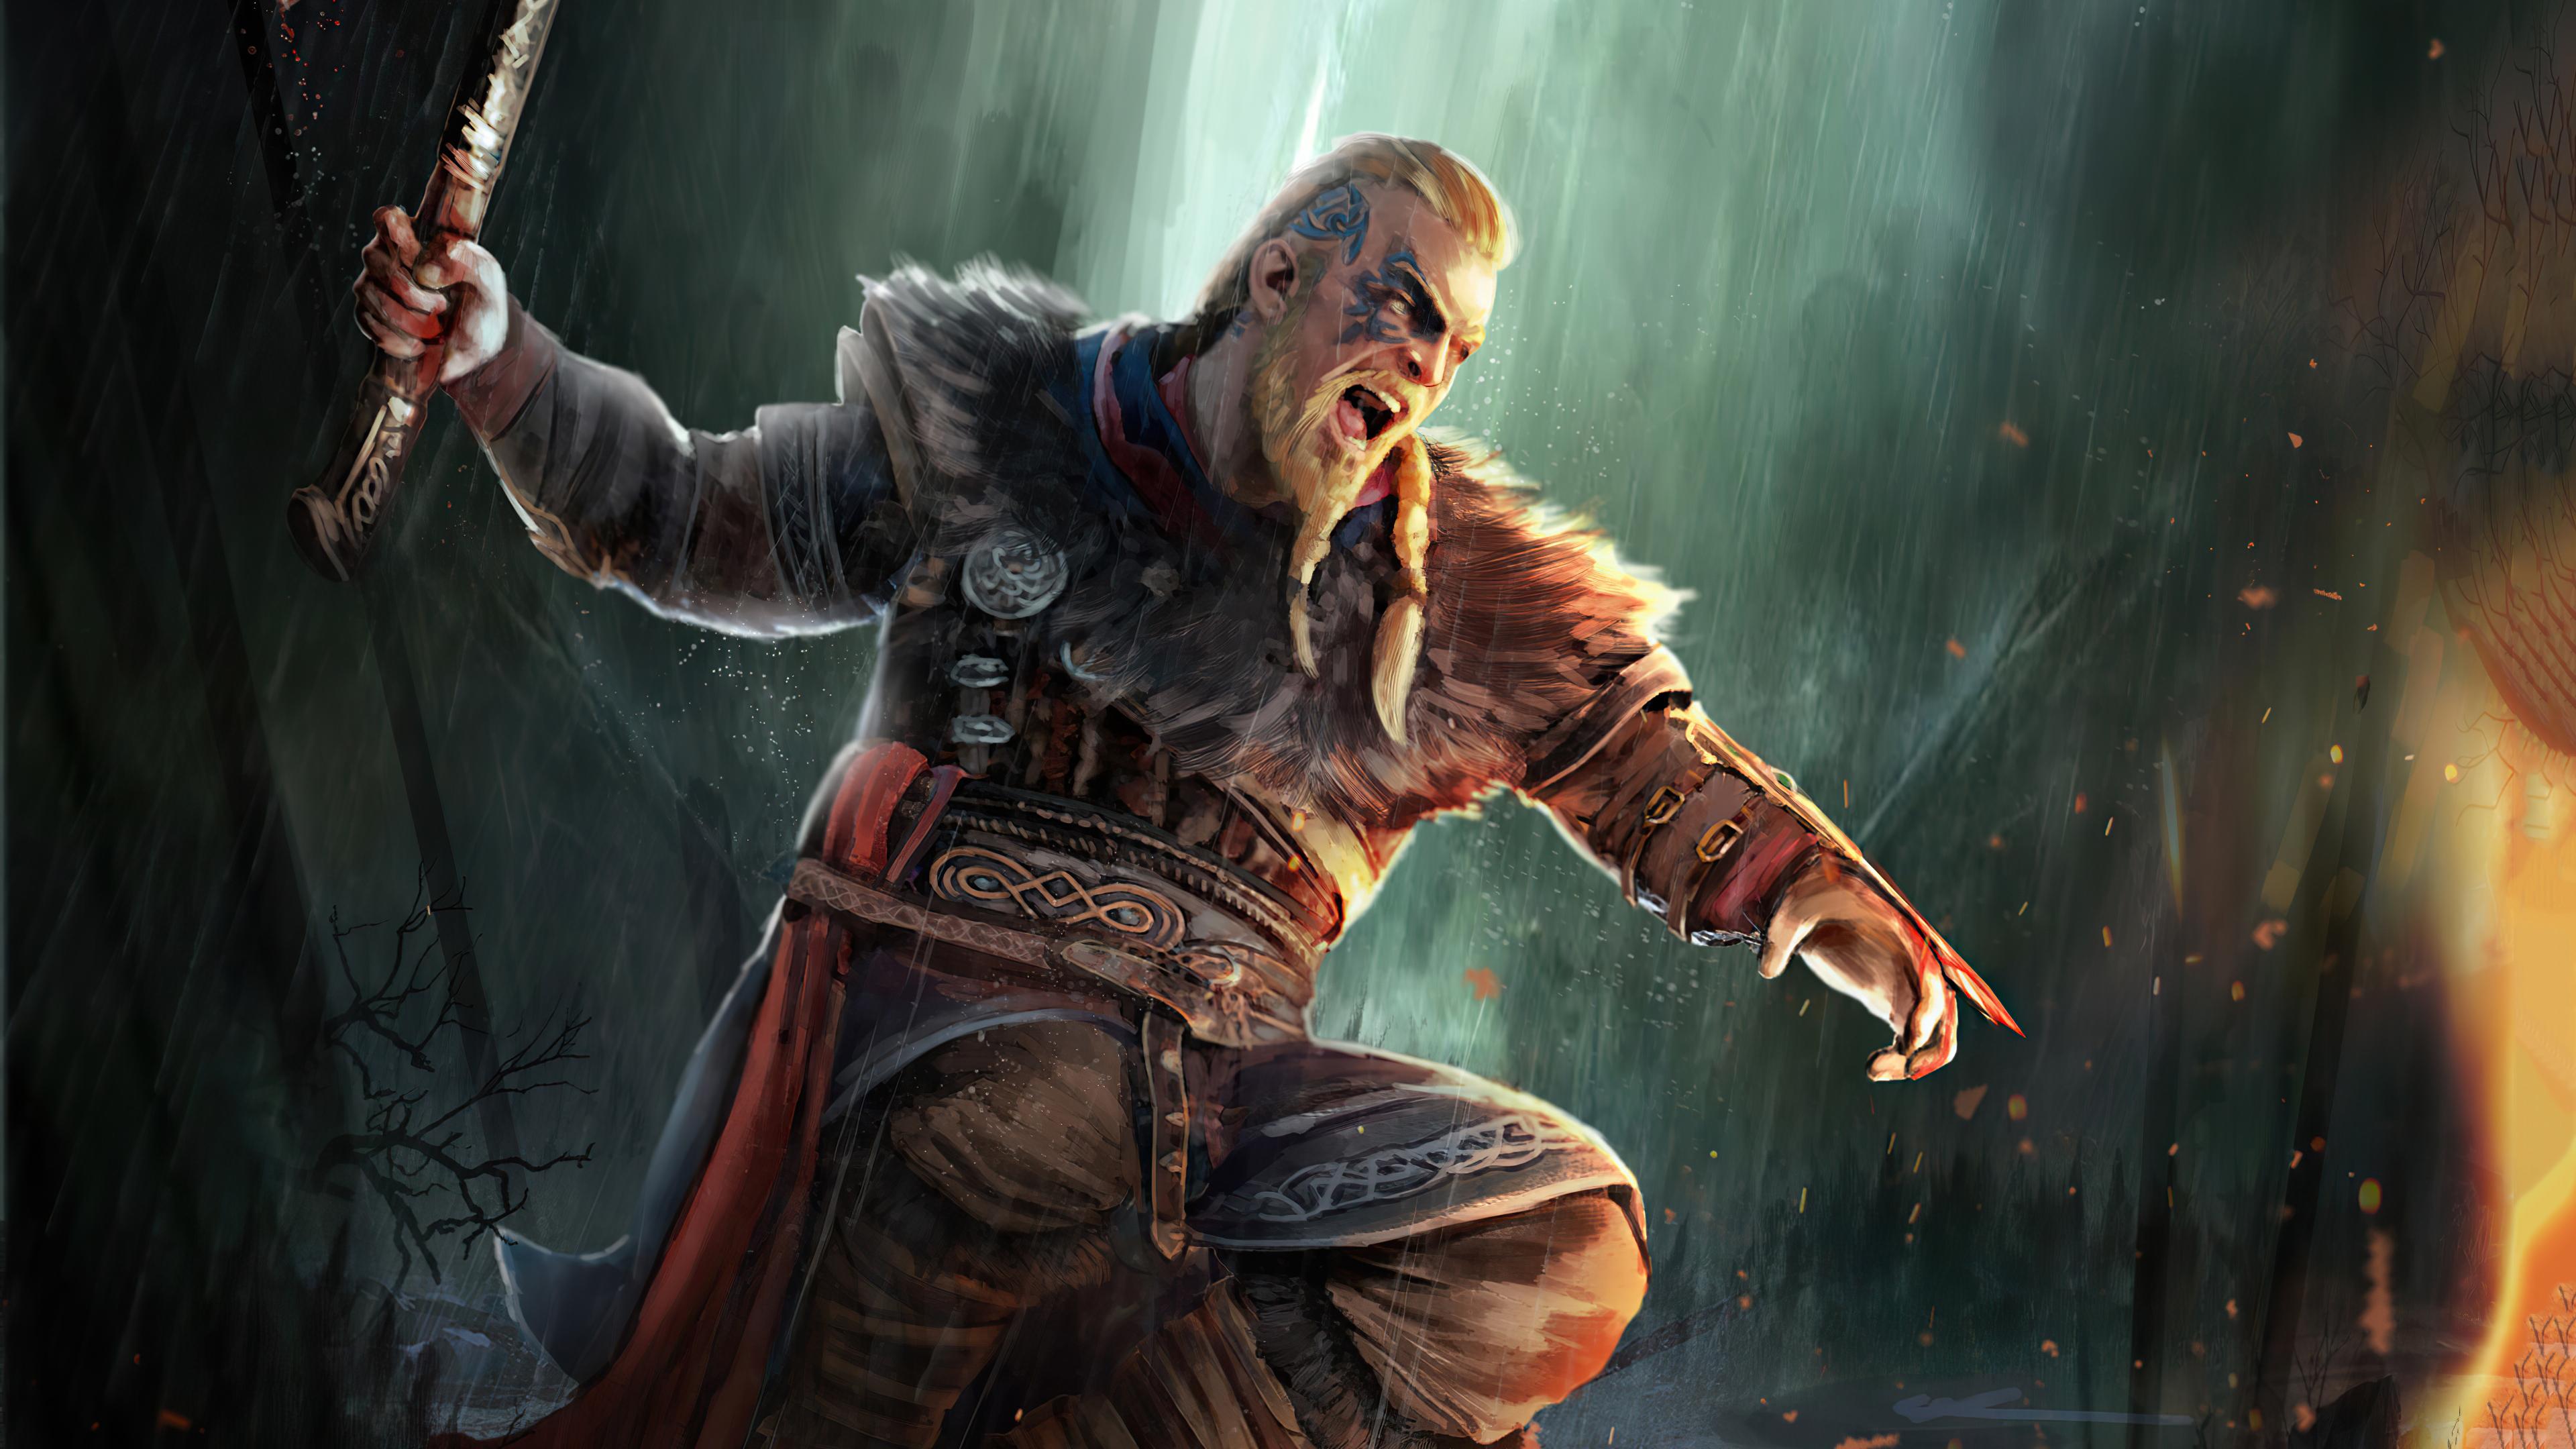 Ragnar Lothbrok Assassins Creed Valhalla 4k Hd Games 4k